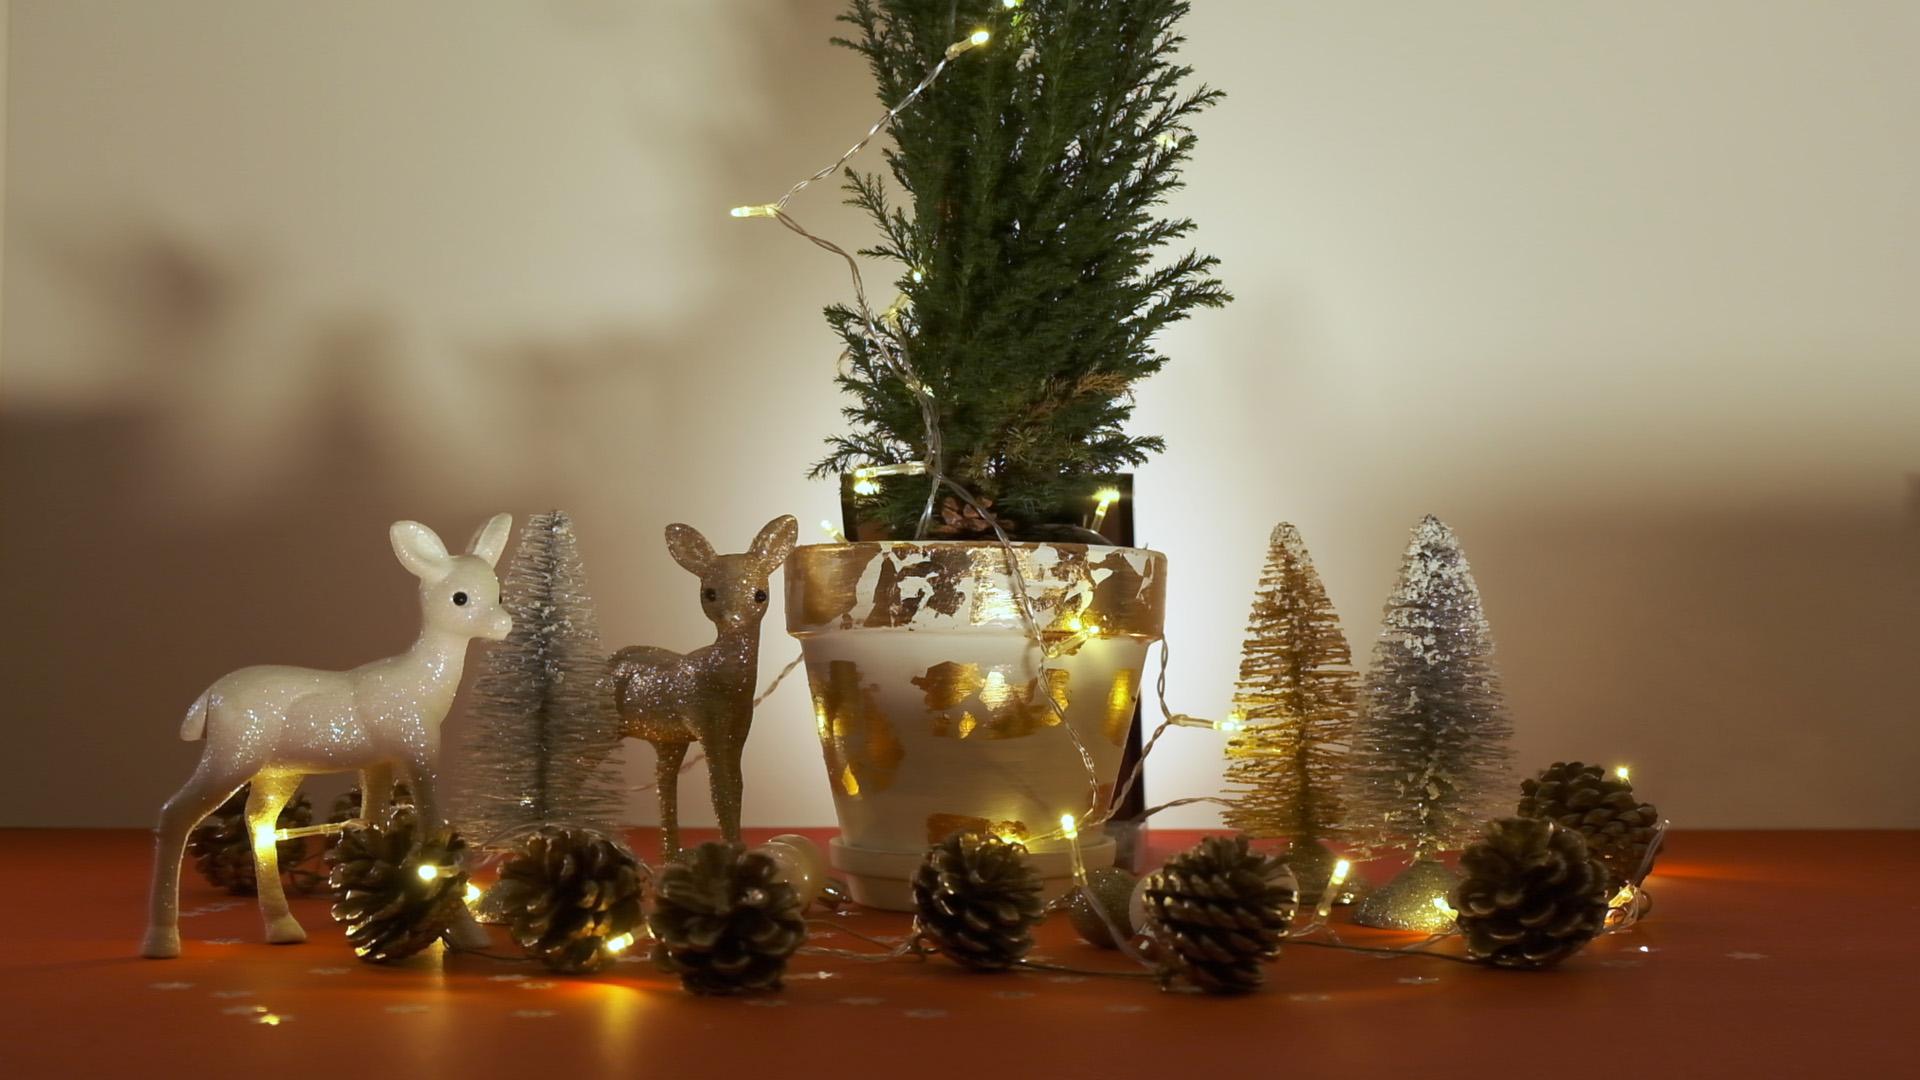 Χριστουγεννιάτικη Γιρλάντα με Κουκουνάρια! (video)